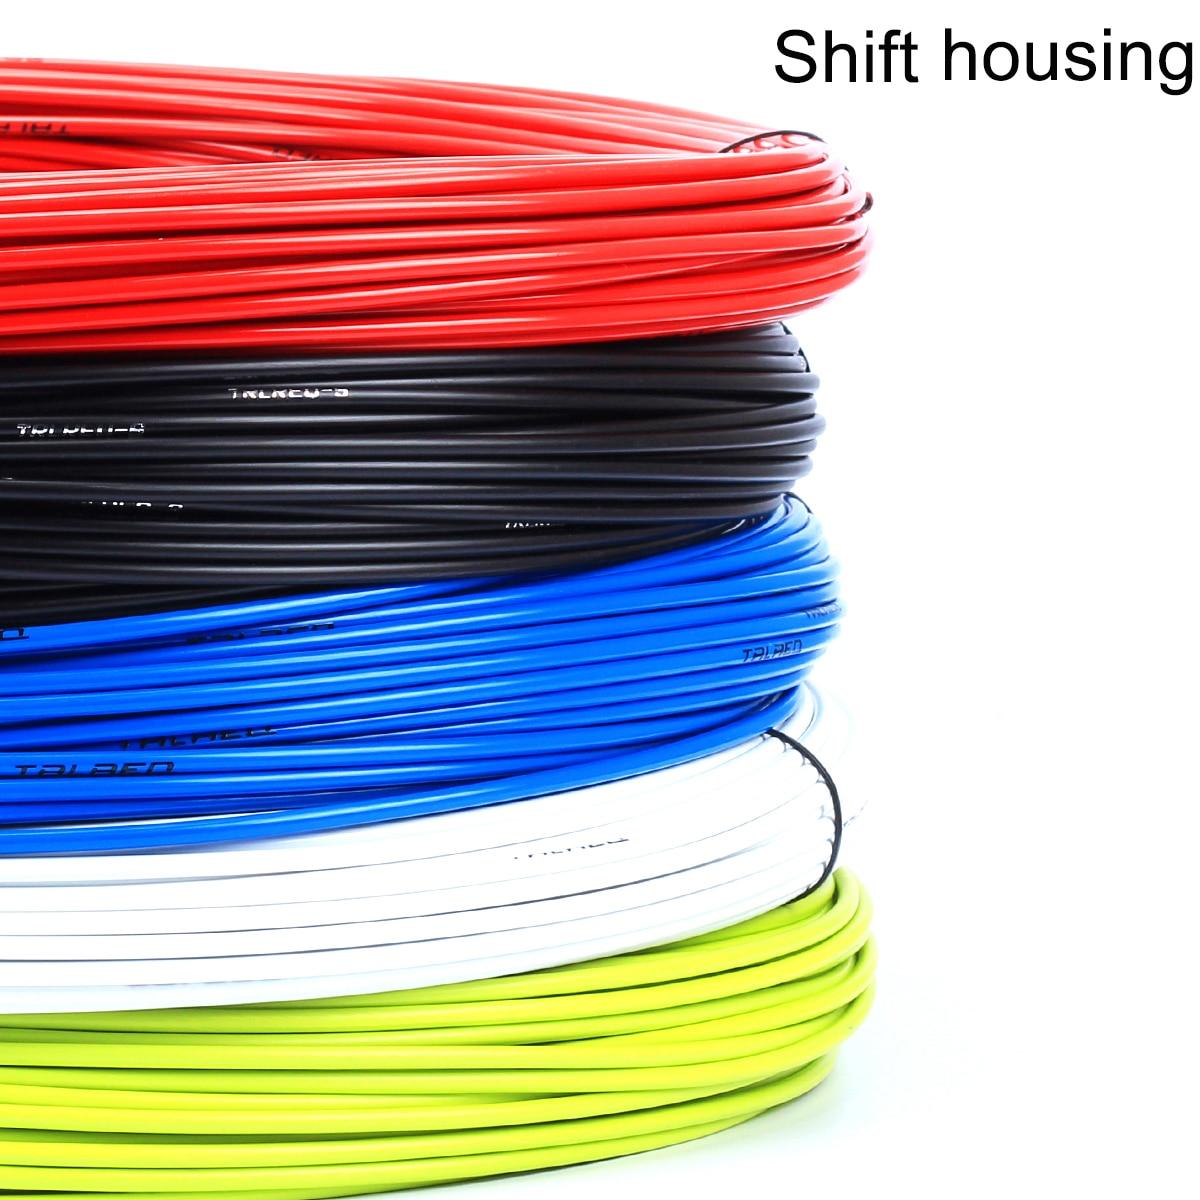 3 meter Shift Gehäuse/shifter äußere kabel Gehäuse Für Rennrad MTB Fahrrad Gefüttert shift kabel gehäuse Schlauch Kit set Für Shimano